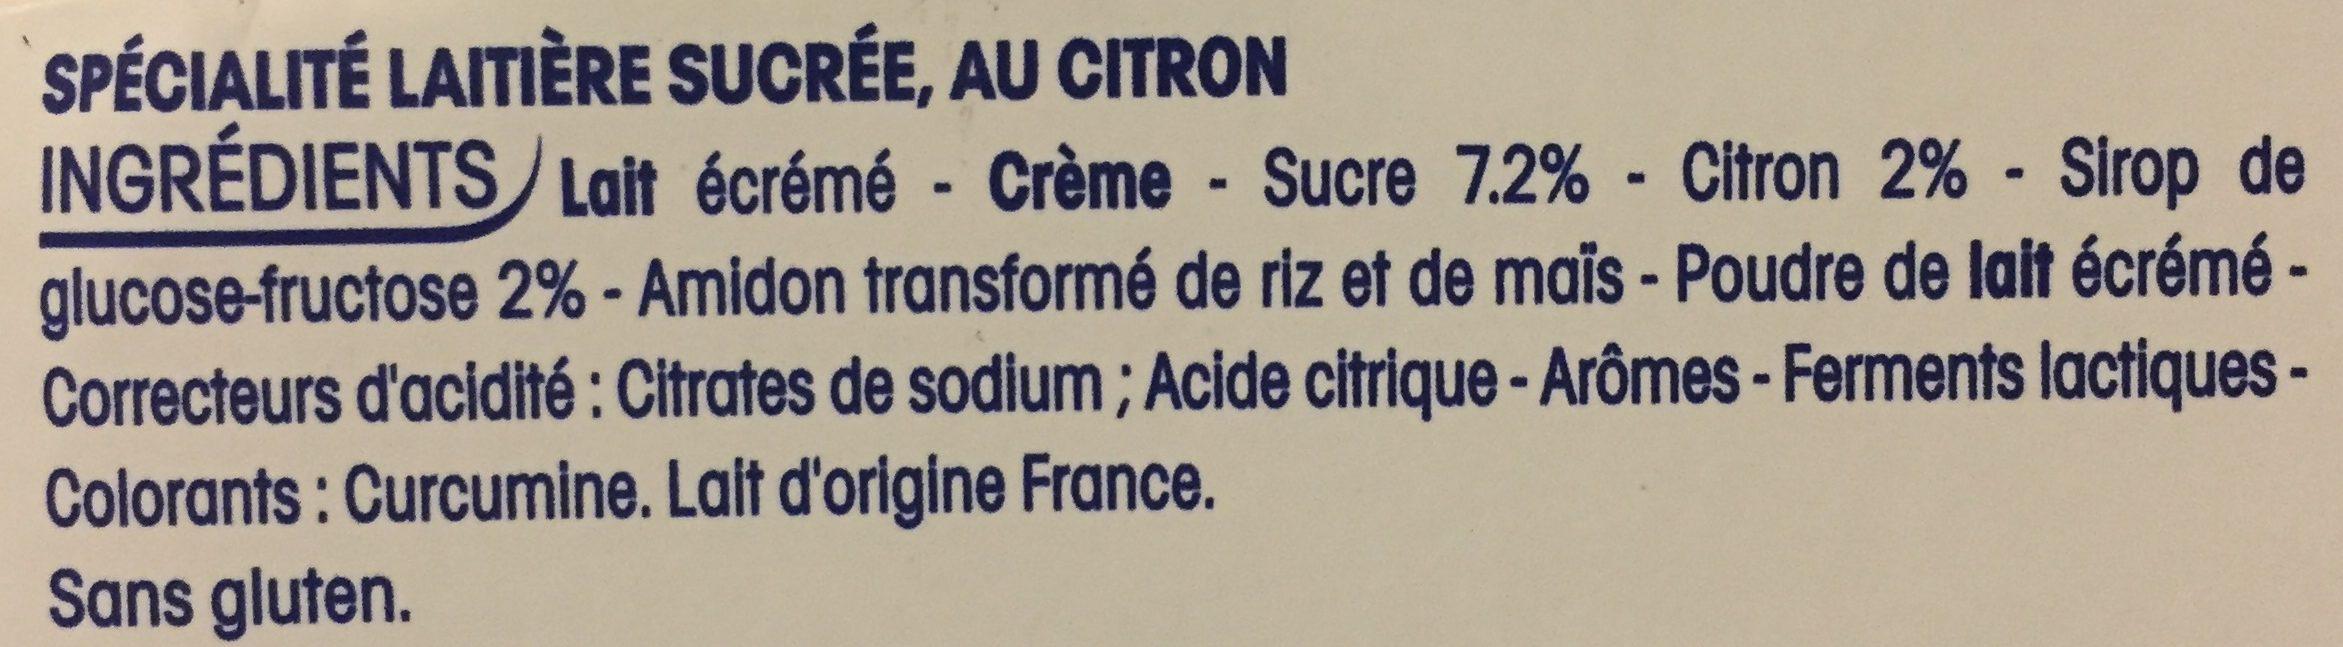 Perle de Lait Citron - Ingrédients - fr